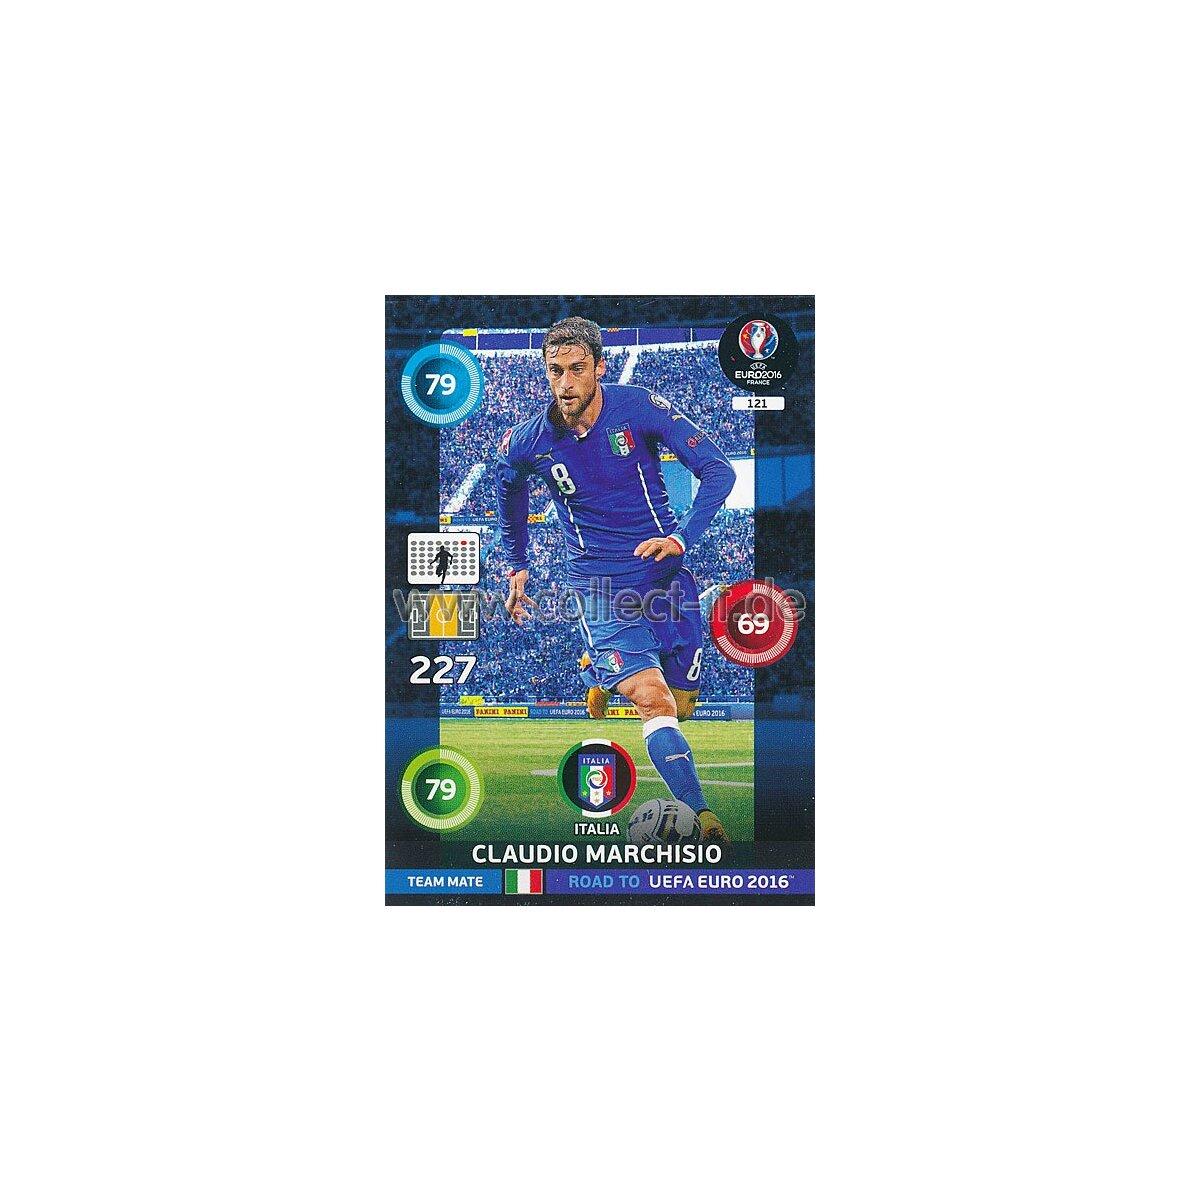 PANINI ROAD TO Uefa Euro 2016-121-Claudio Marchisio-Base Carte